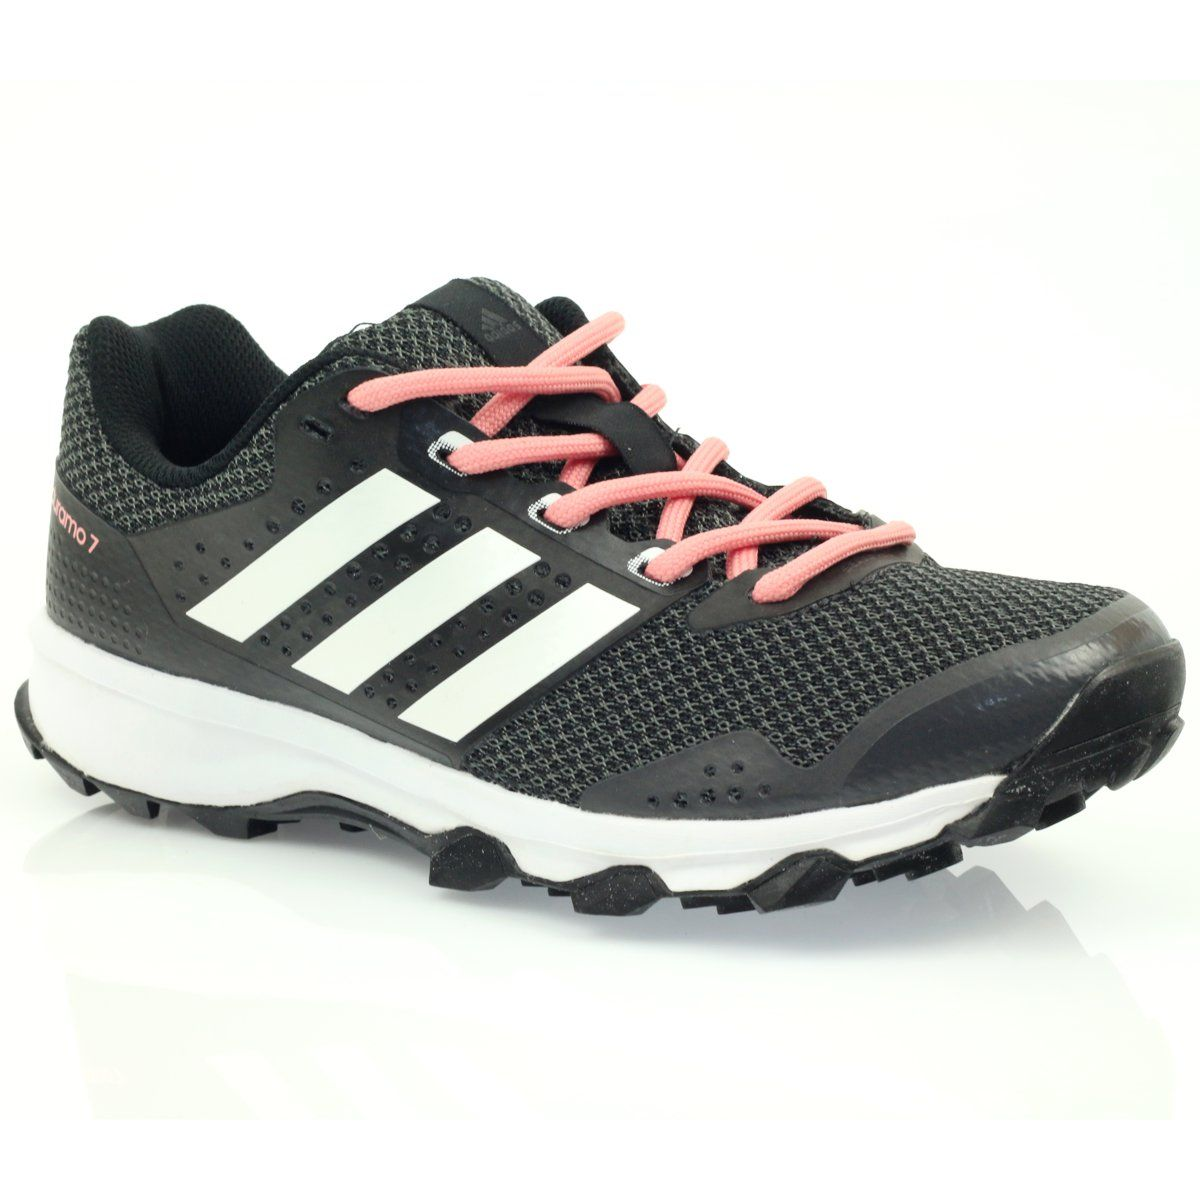 Buty Biegowe Adidas Duramo 7 Trail W Czarne Rozowe Szare Adidas Sneakers Adidas Shoes